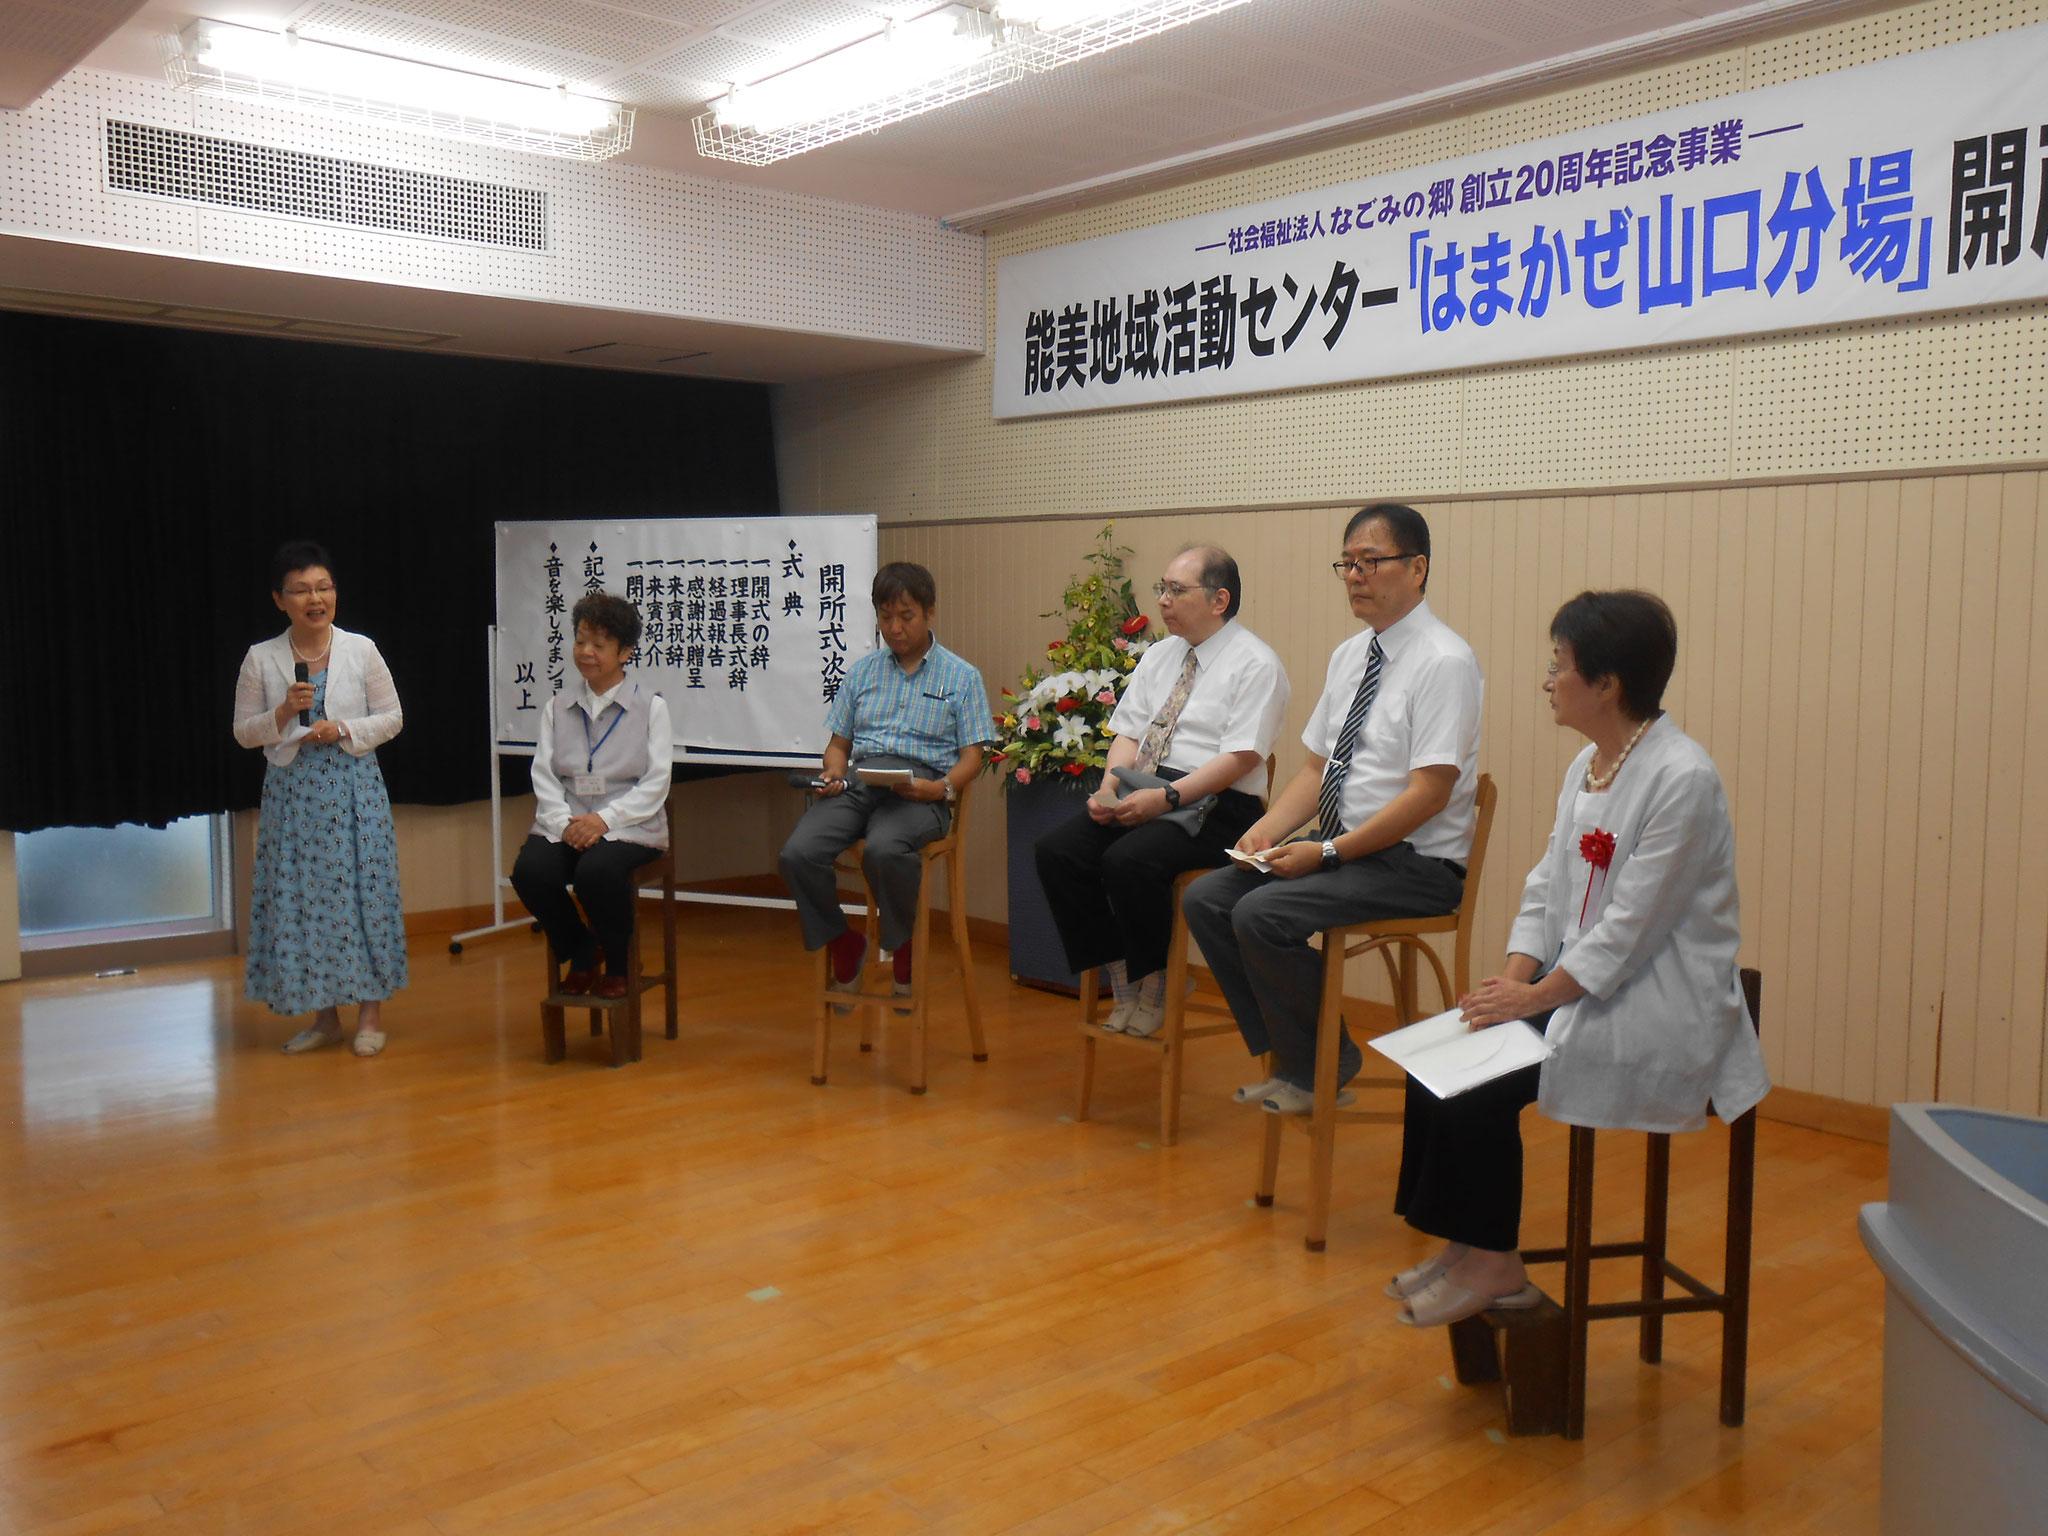 北岡小松市立大学学部長の進行で利用者、職員が20年を語る